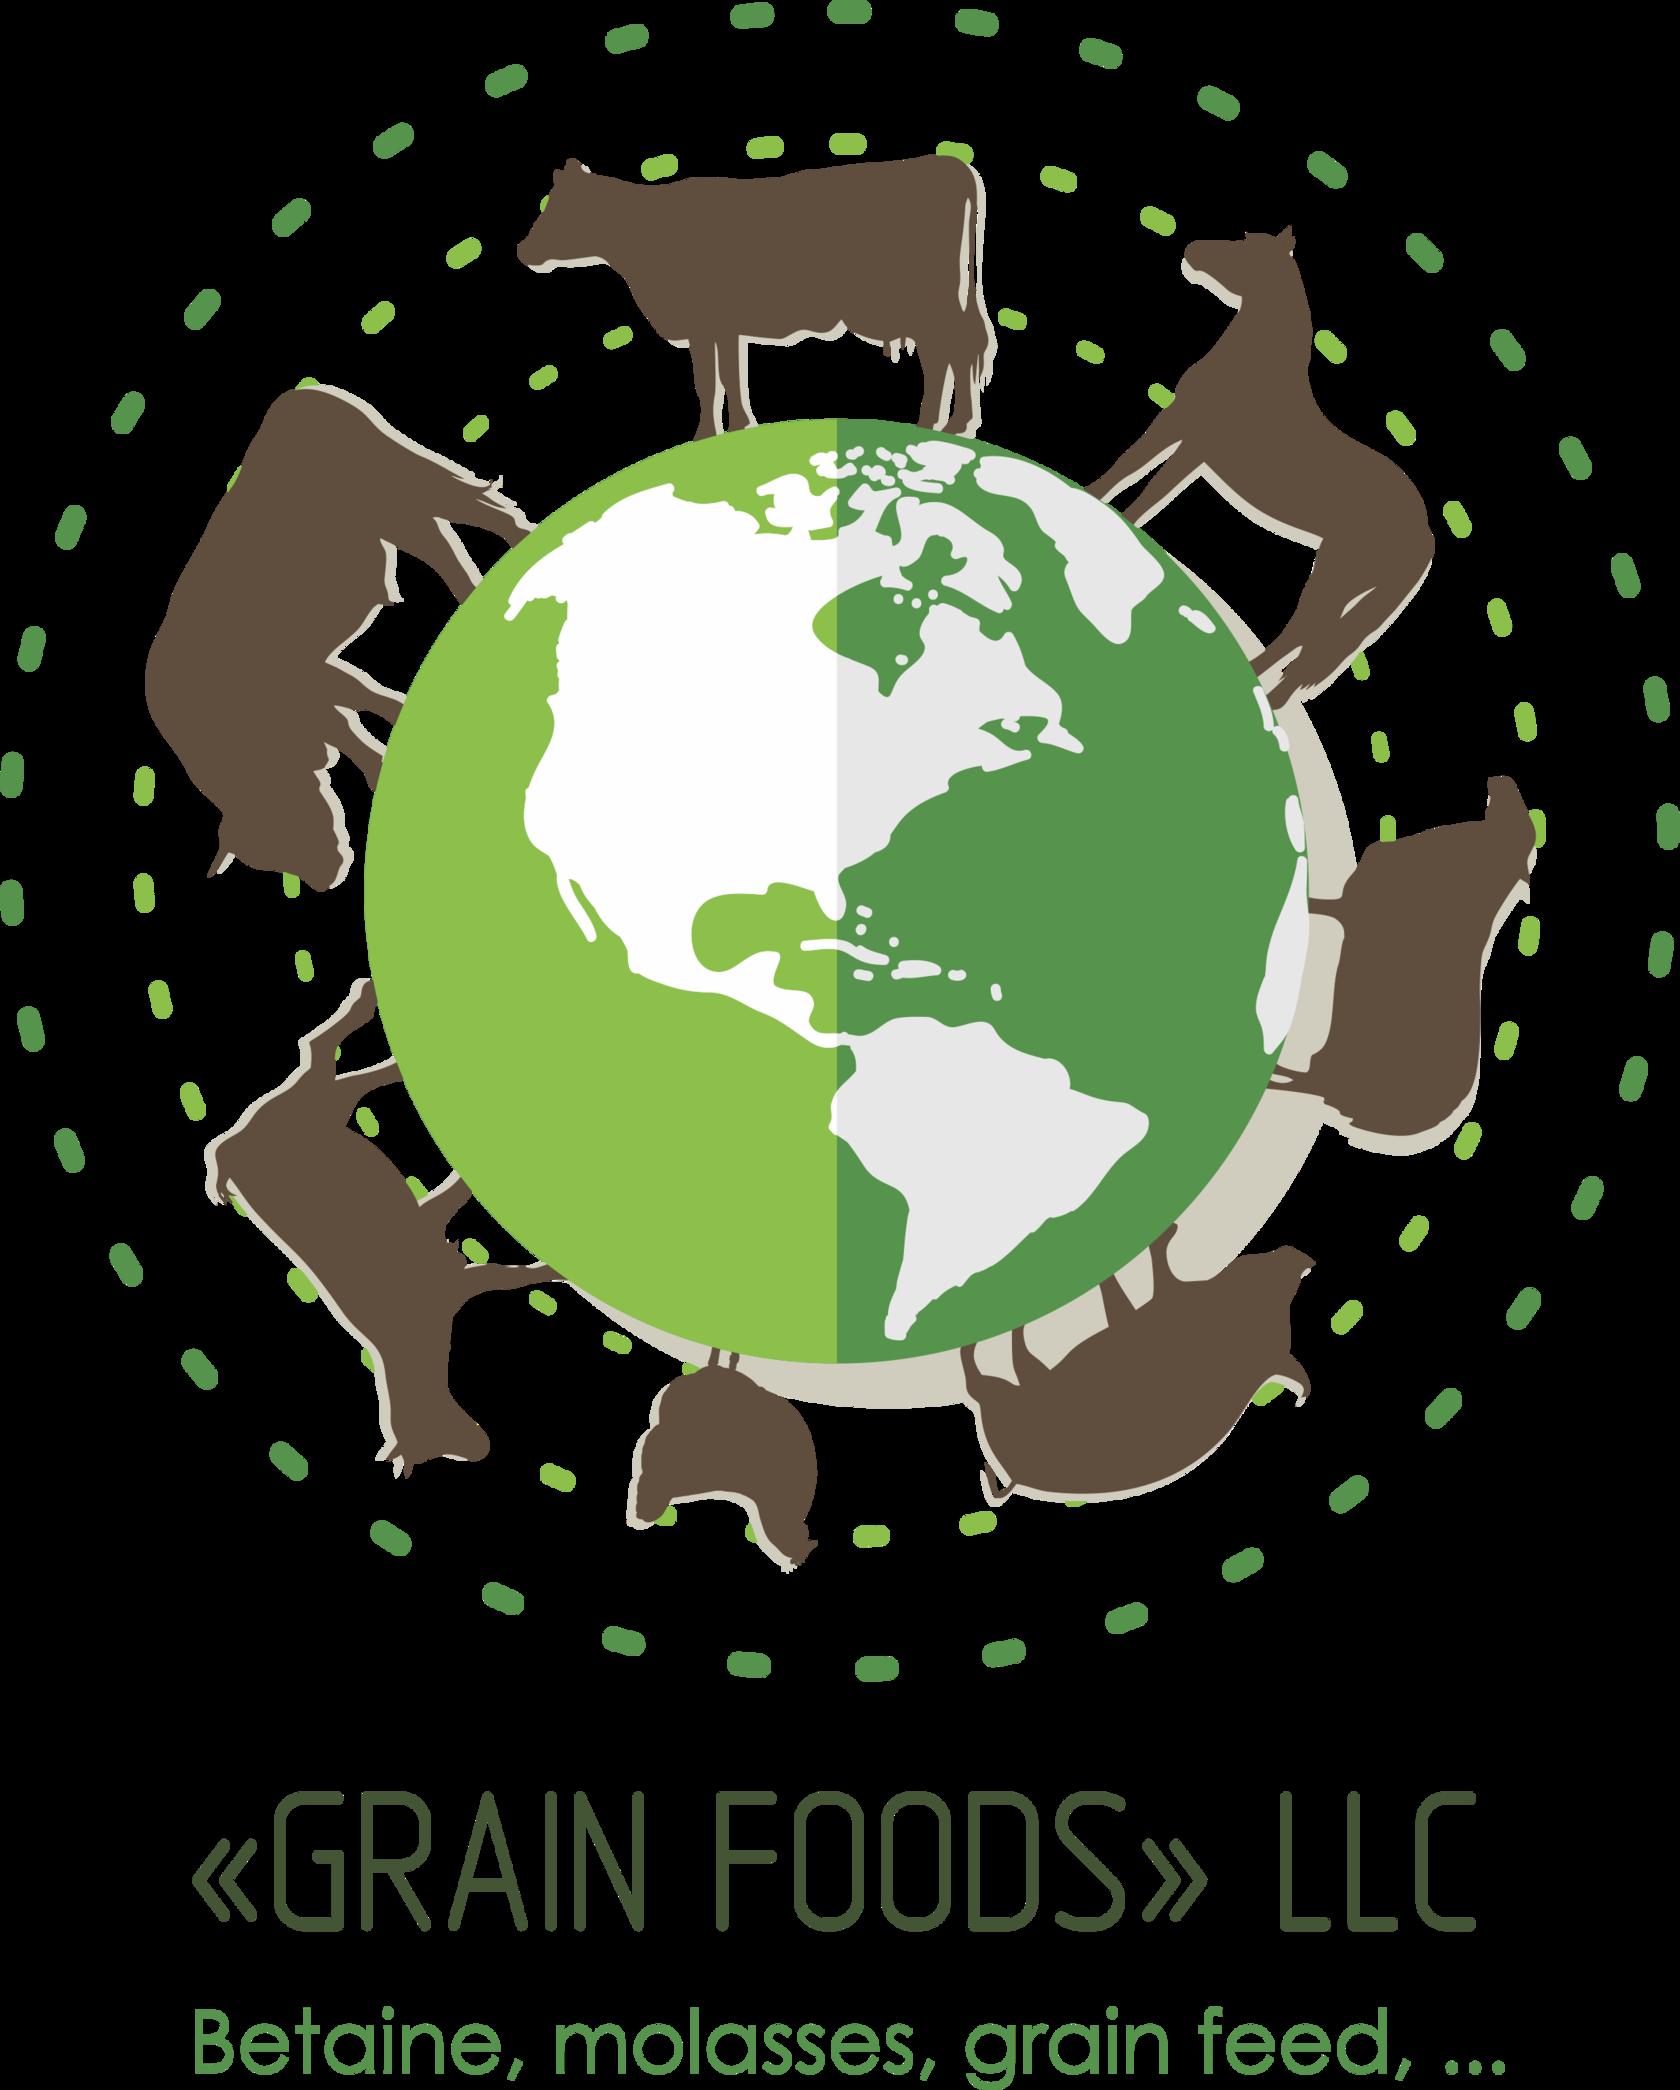 Грейн Фудс - ваш надежный поставщик кормового сырья